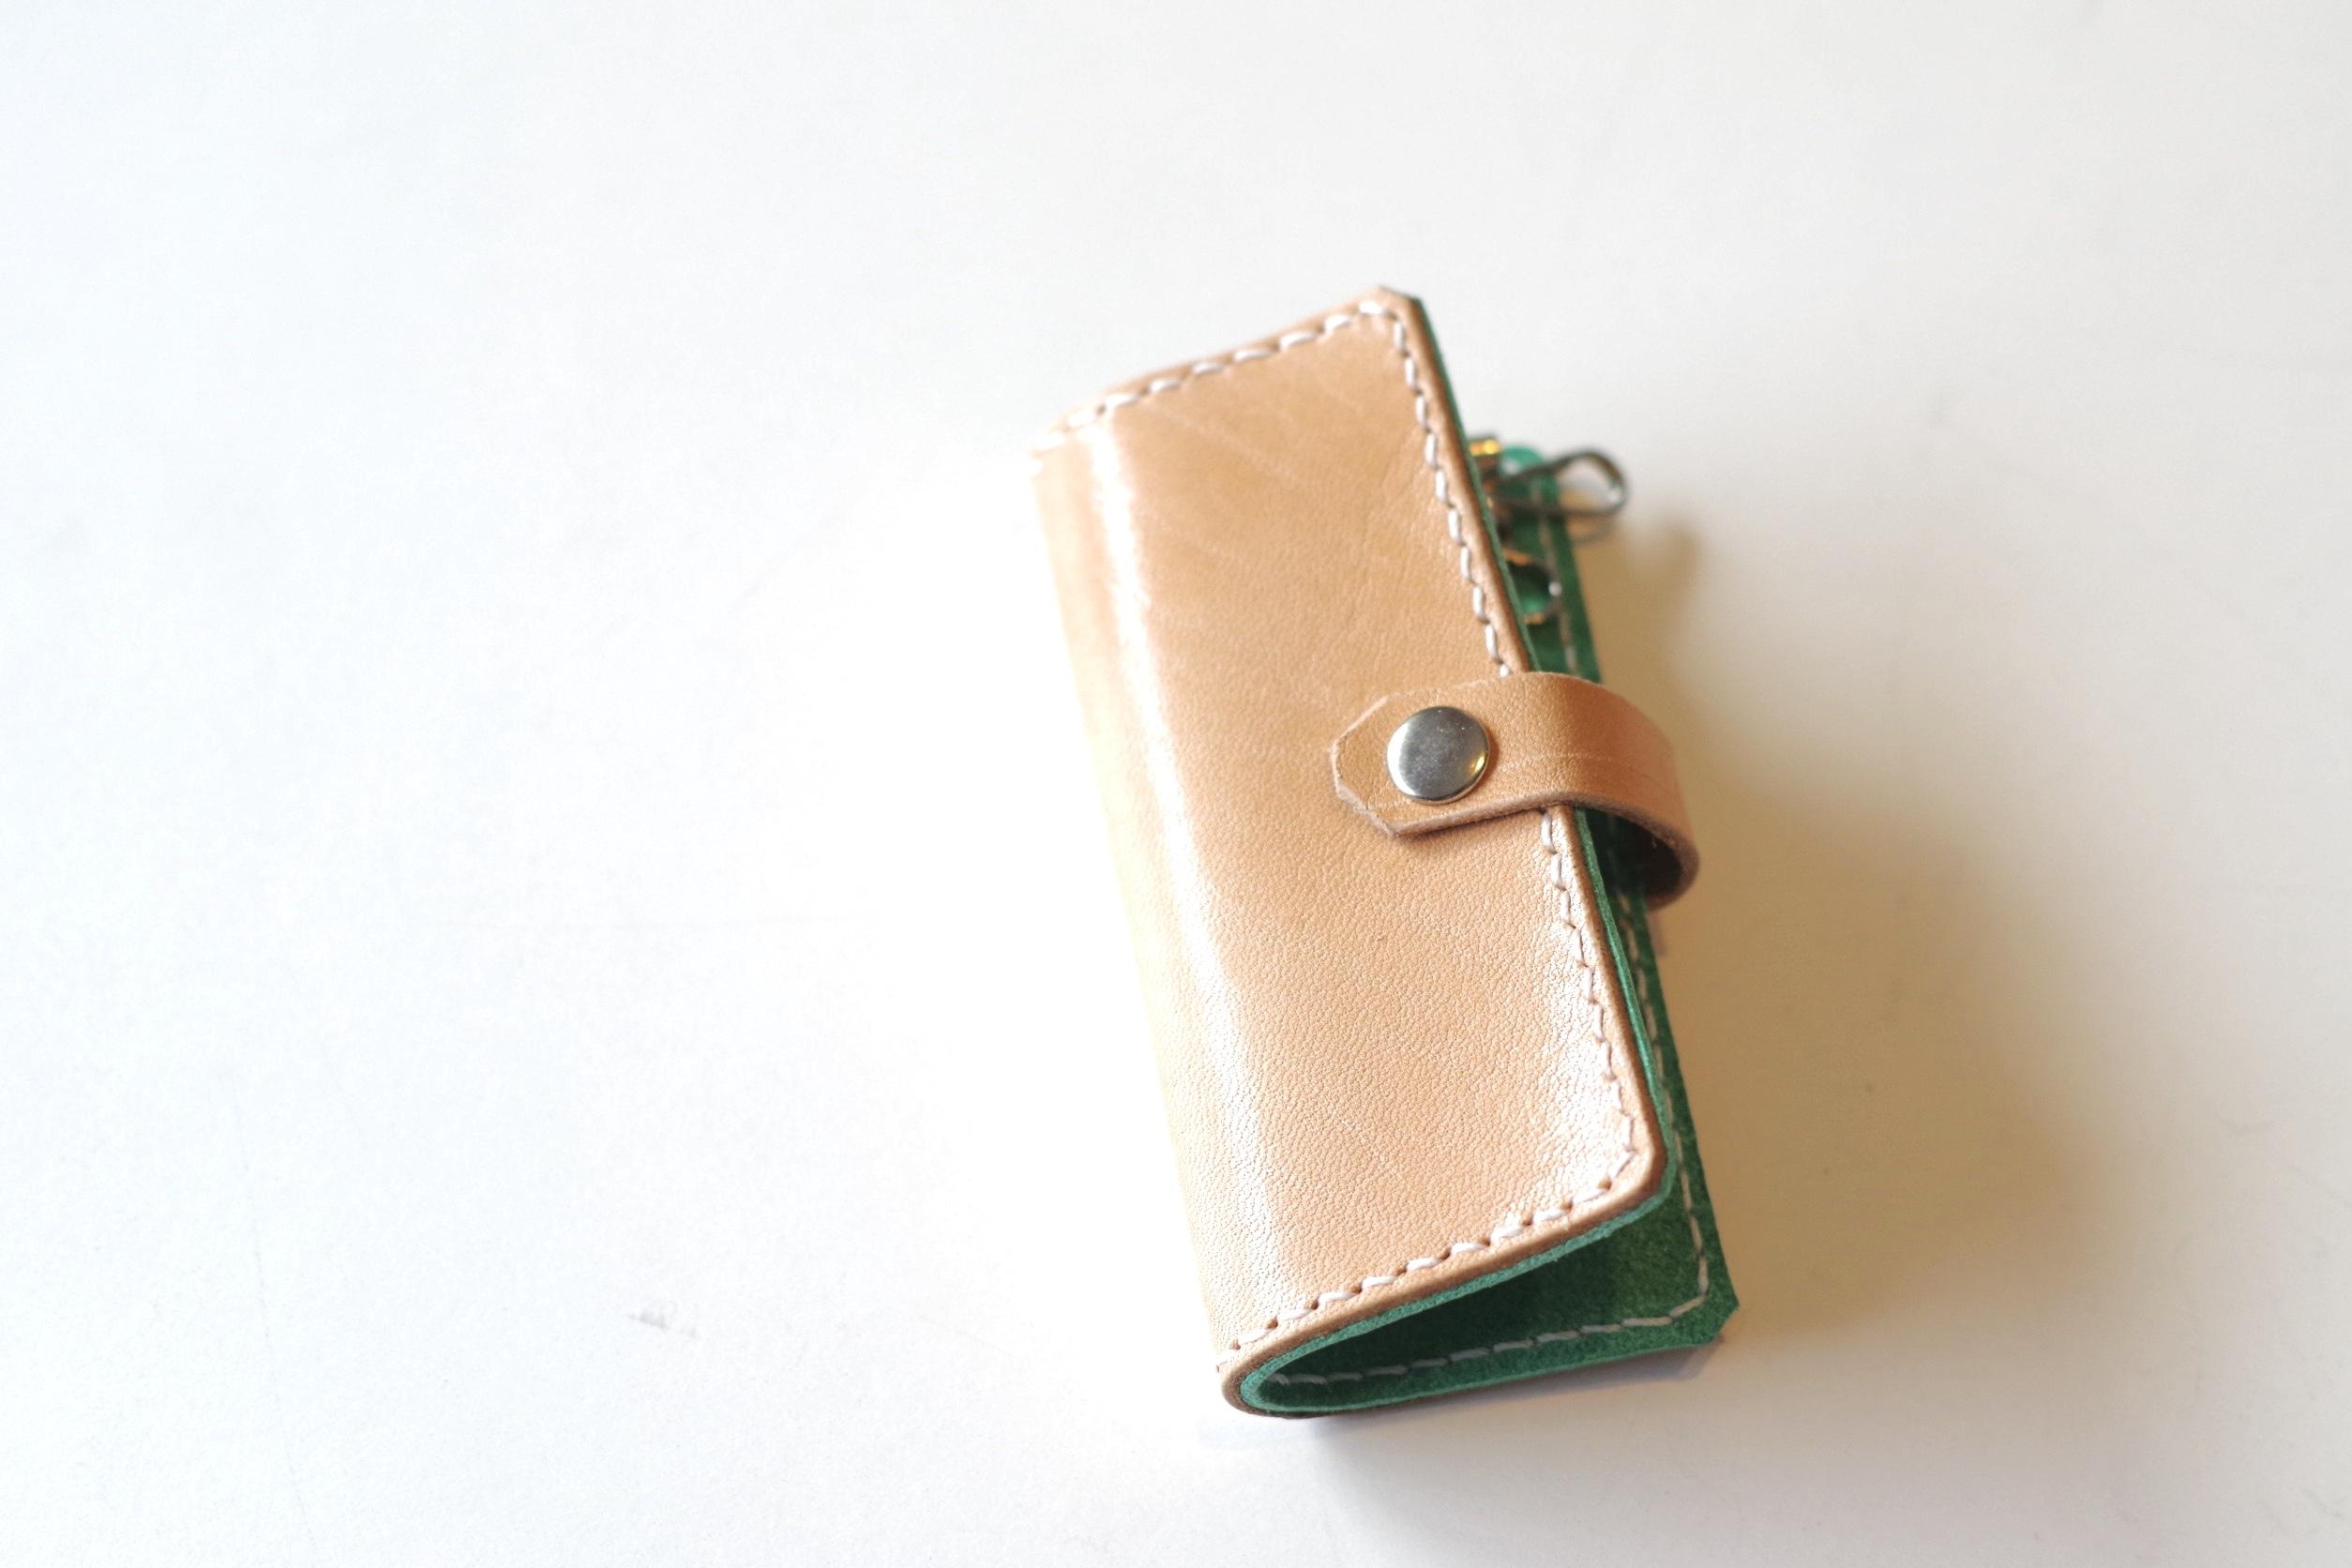 【ヌメ革】2枚貼りヌメ革キーケース(3連)ベージュ+ターコイズ